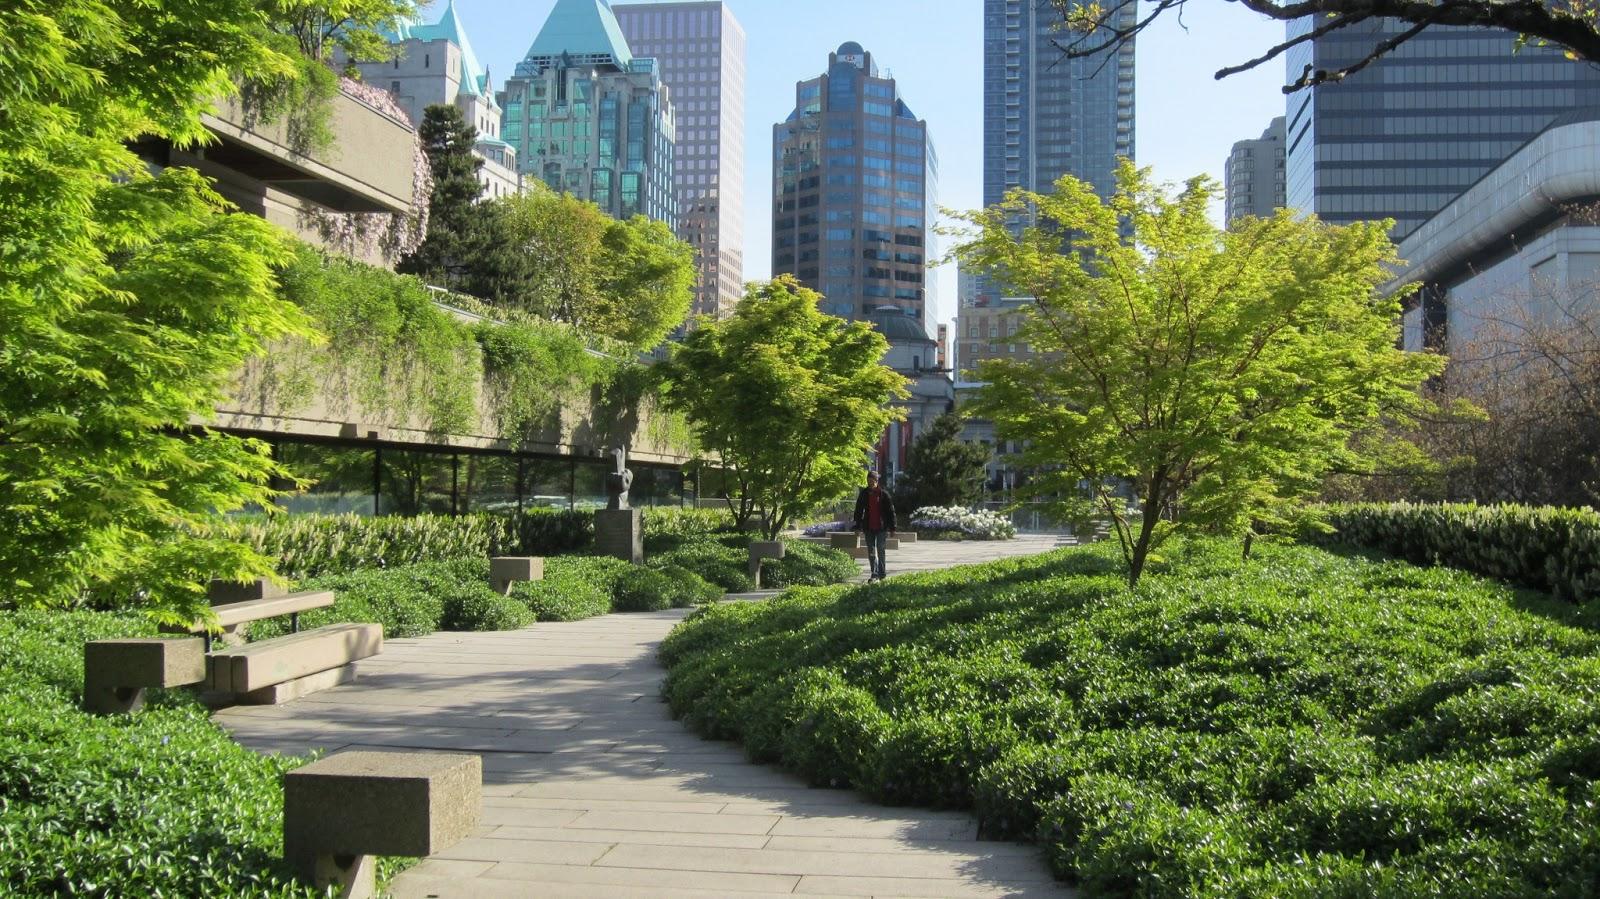 Comment rendre une ville plus écologique ?